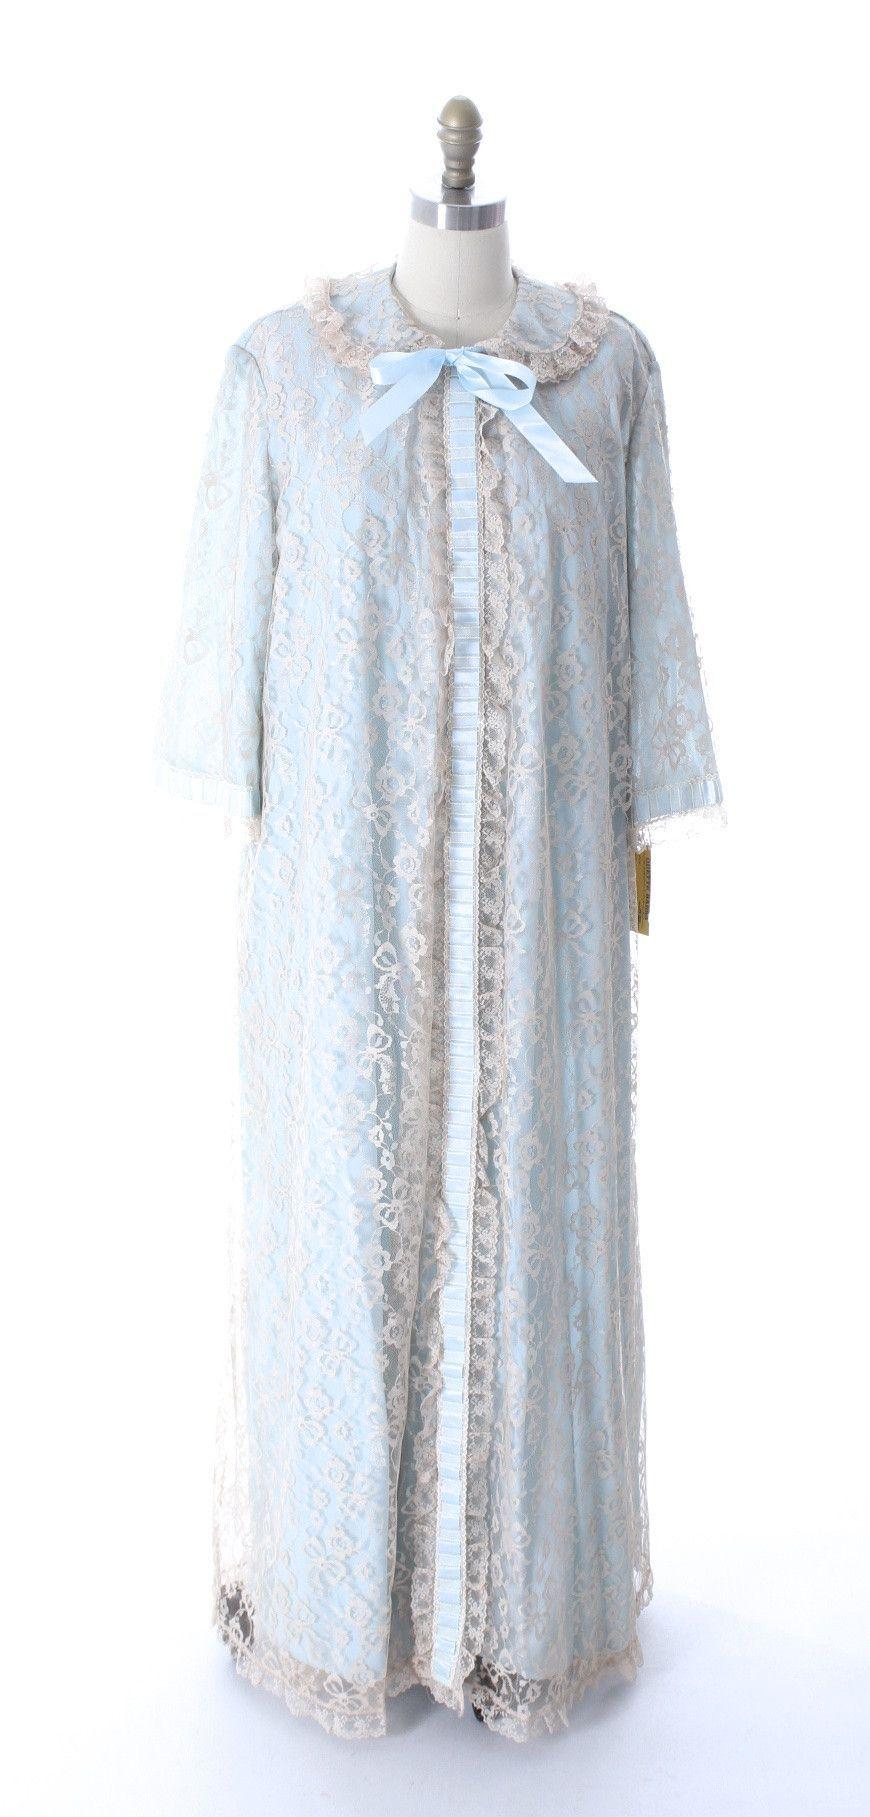 Odette Barsa VTG Nylon Lingerie Nightgown Robe Set Lace Peignoir ...